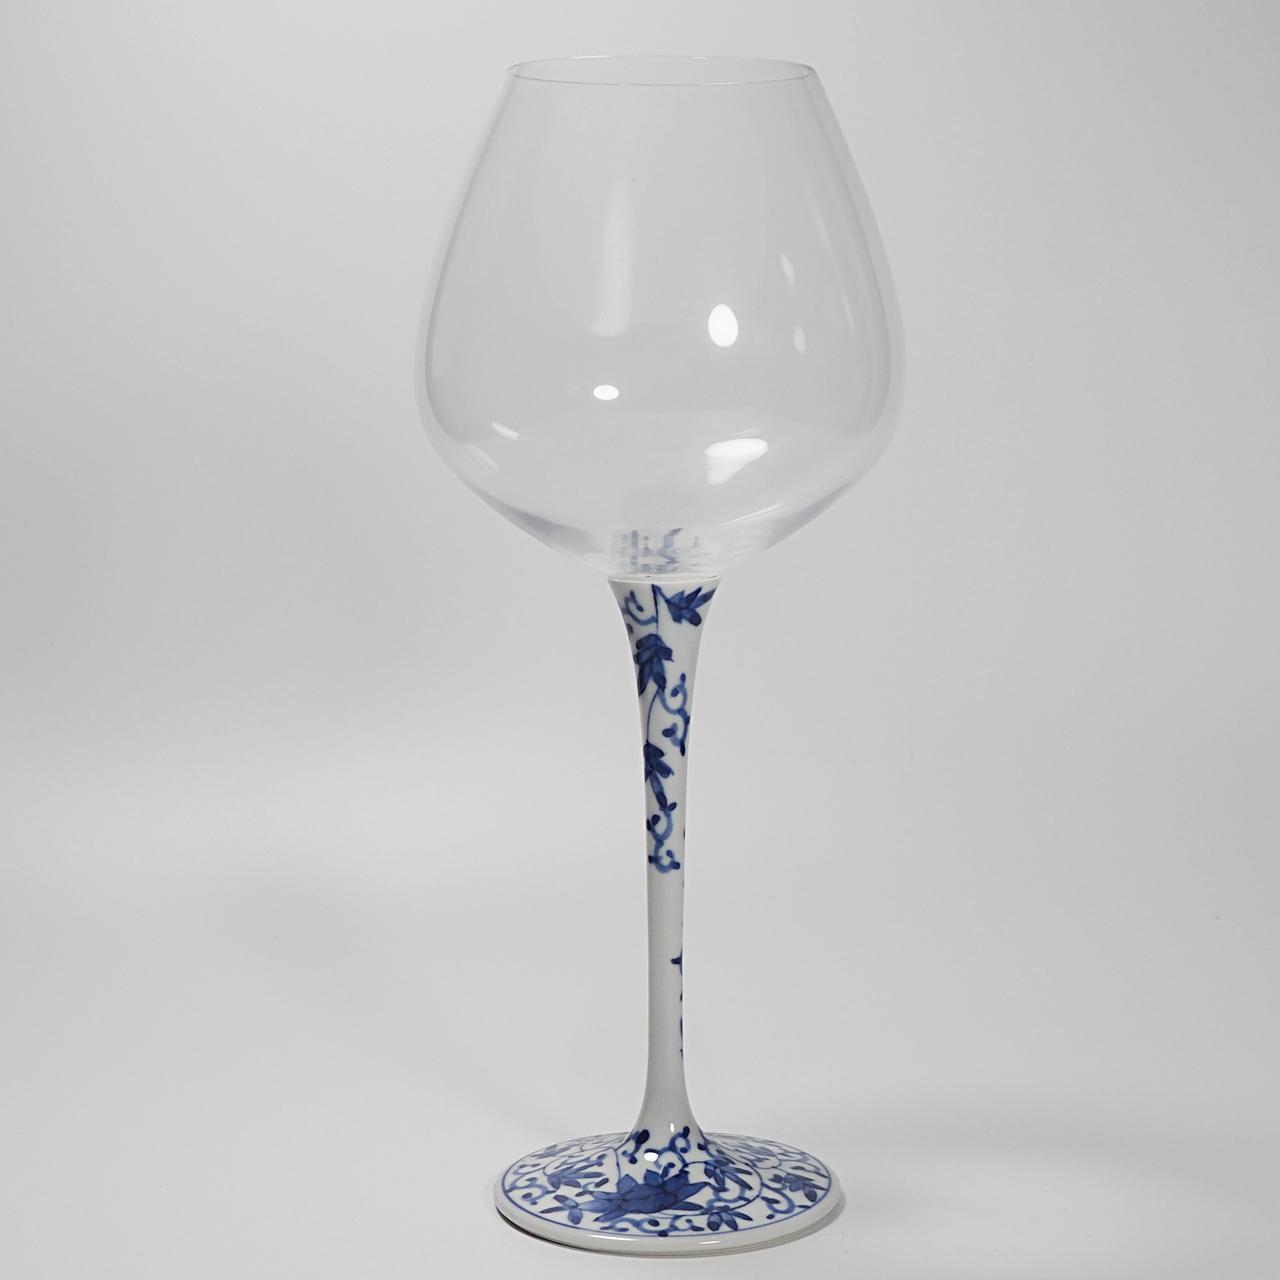 ハイレッグワイングラス(大) (染付華唐草) 20-008-B